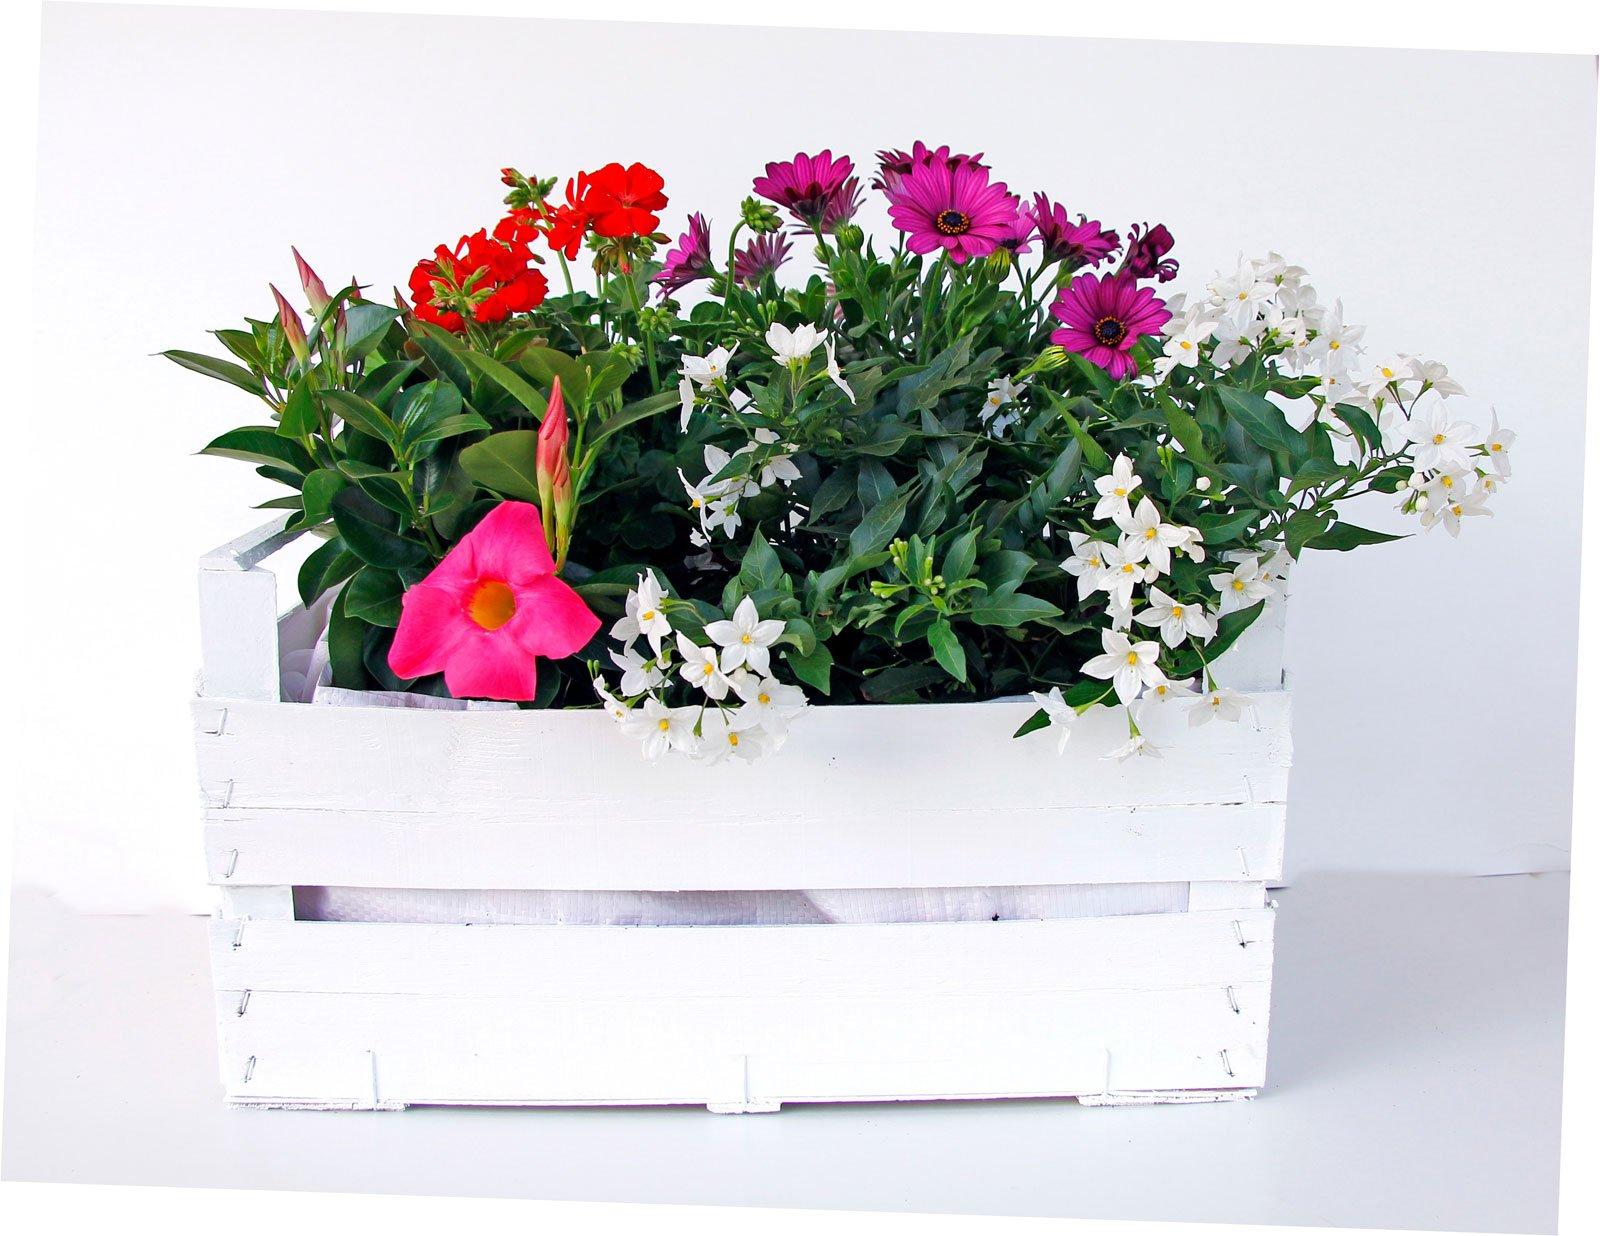 abbastanza La cassetta fiorita: solanum, dipladenia, dimorfoteca, geranio PH53